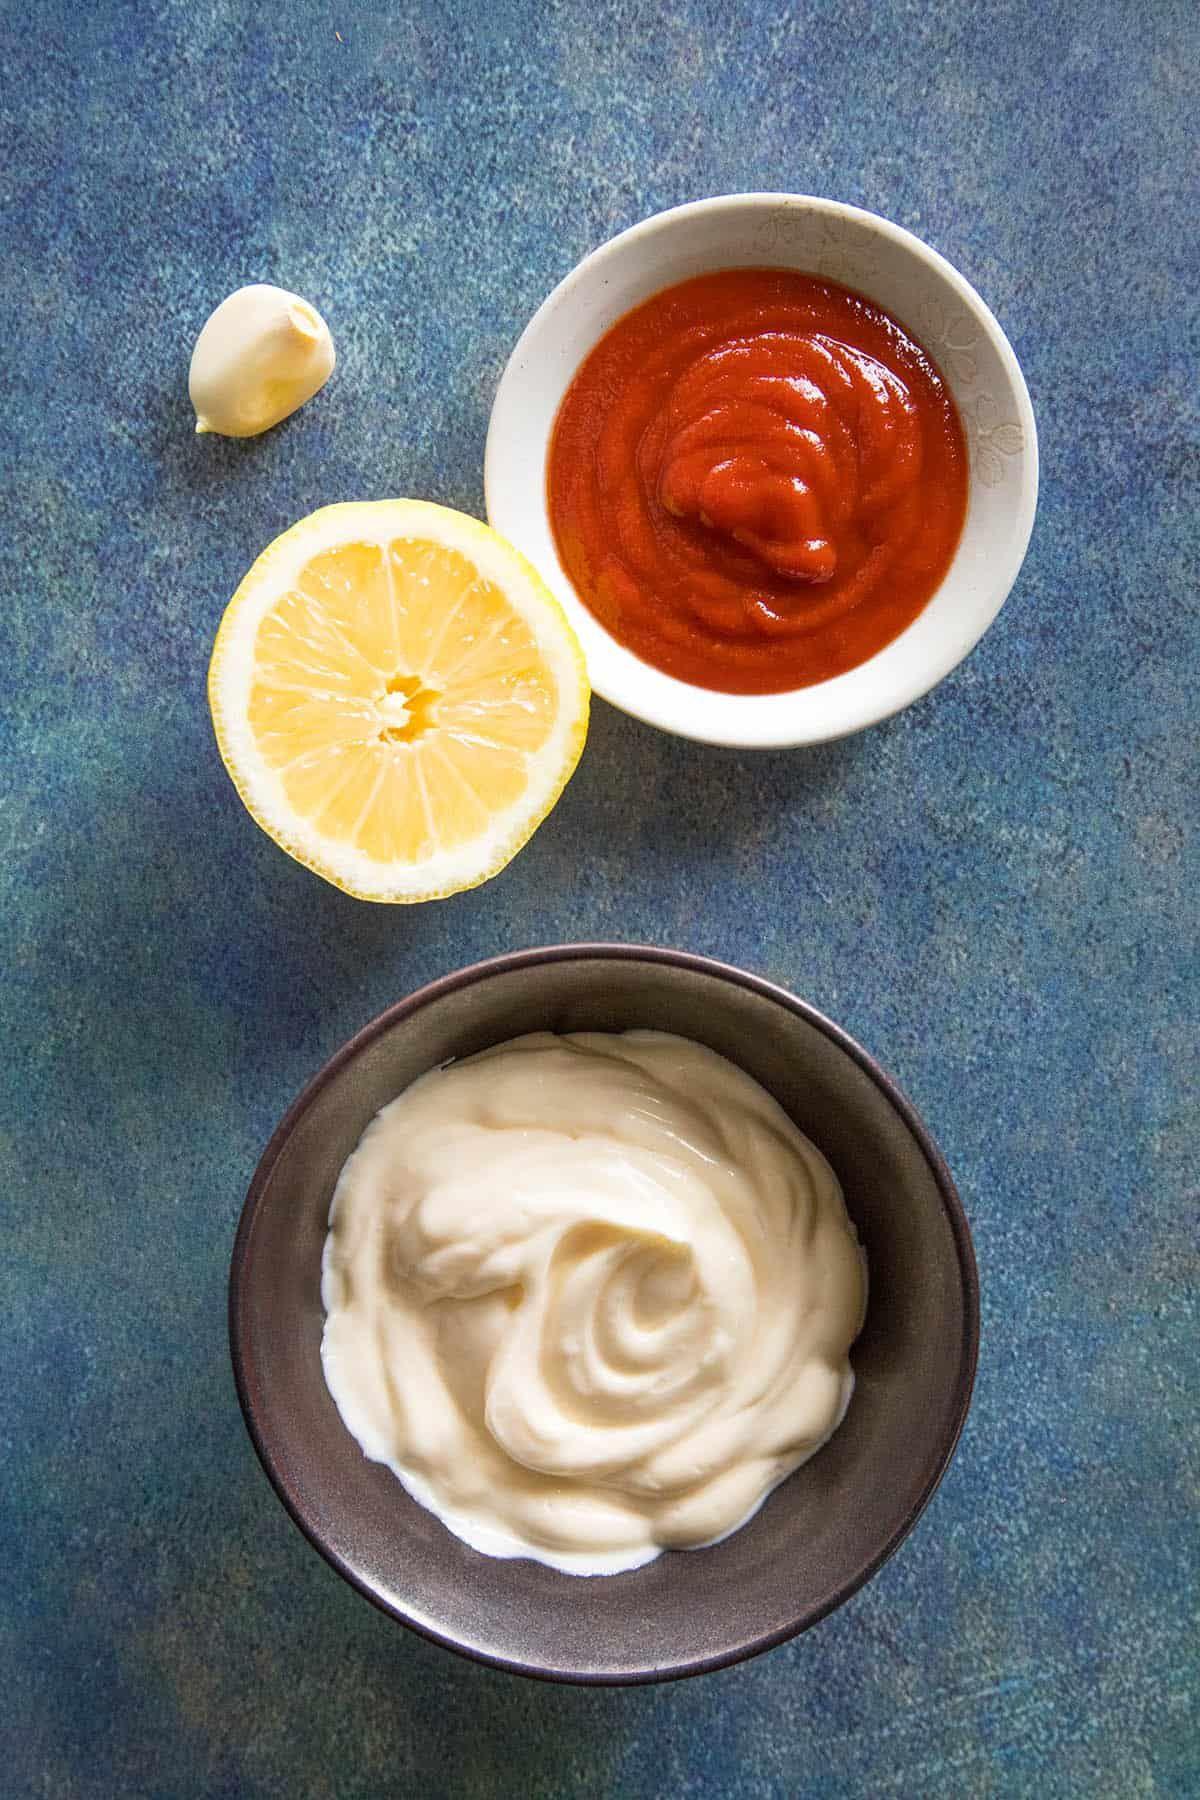 Creamy sriracha mayo recipe this homemade sriracha mayo